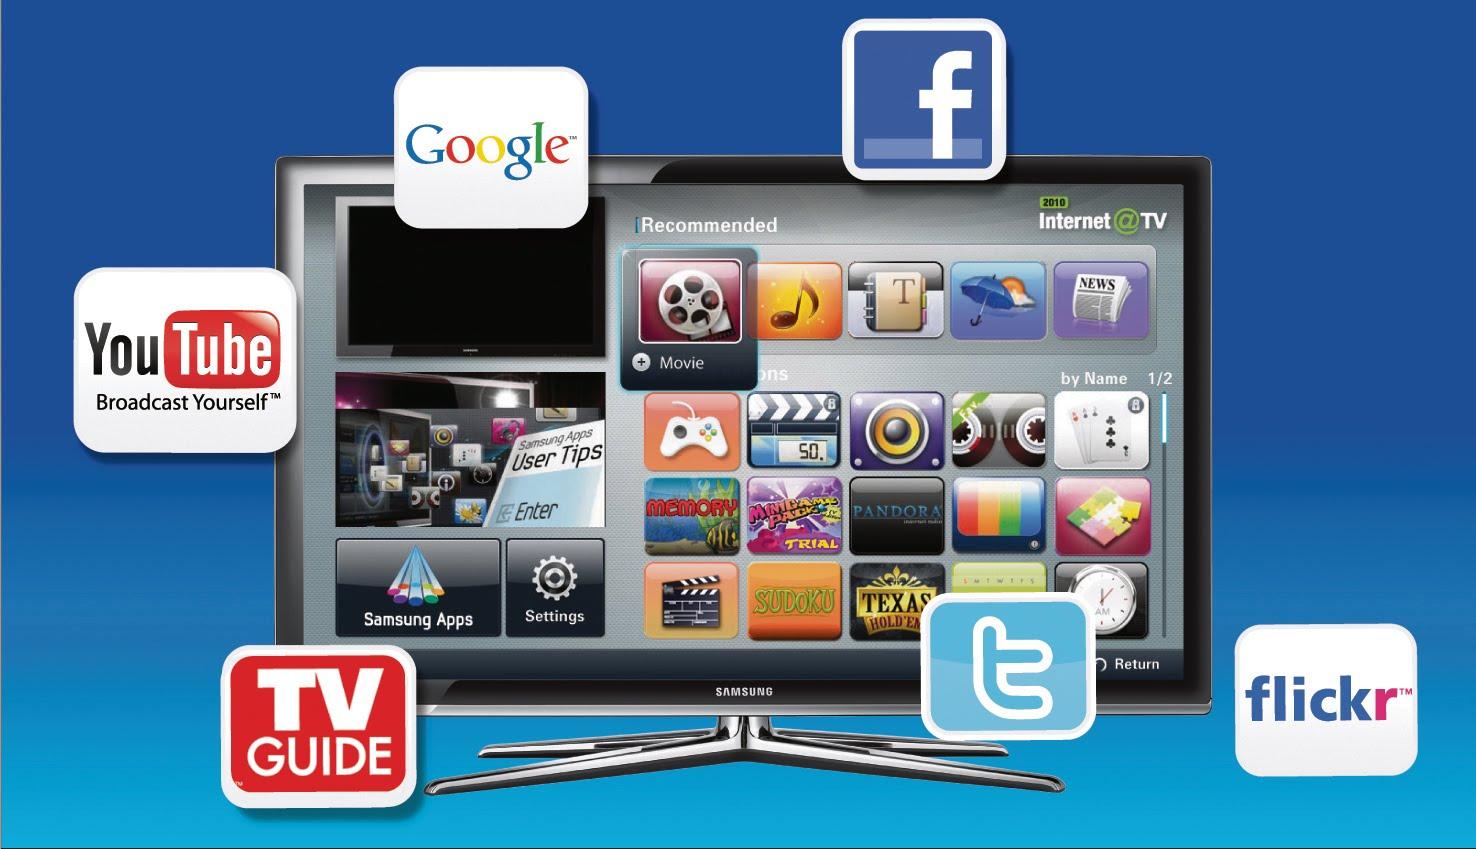 smart television internet tv. Black Bedroom Furniture Sets. Home Design Ideas